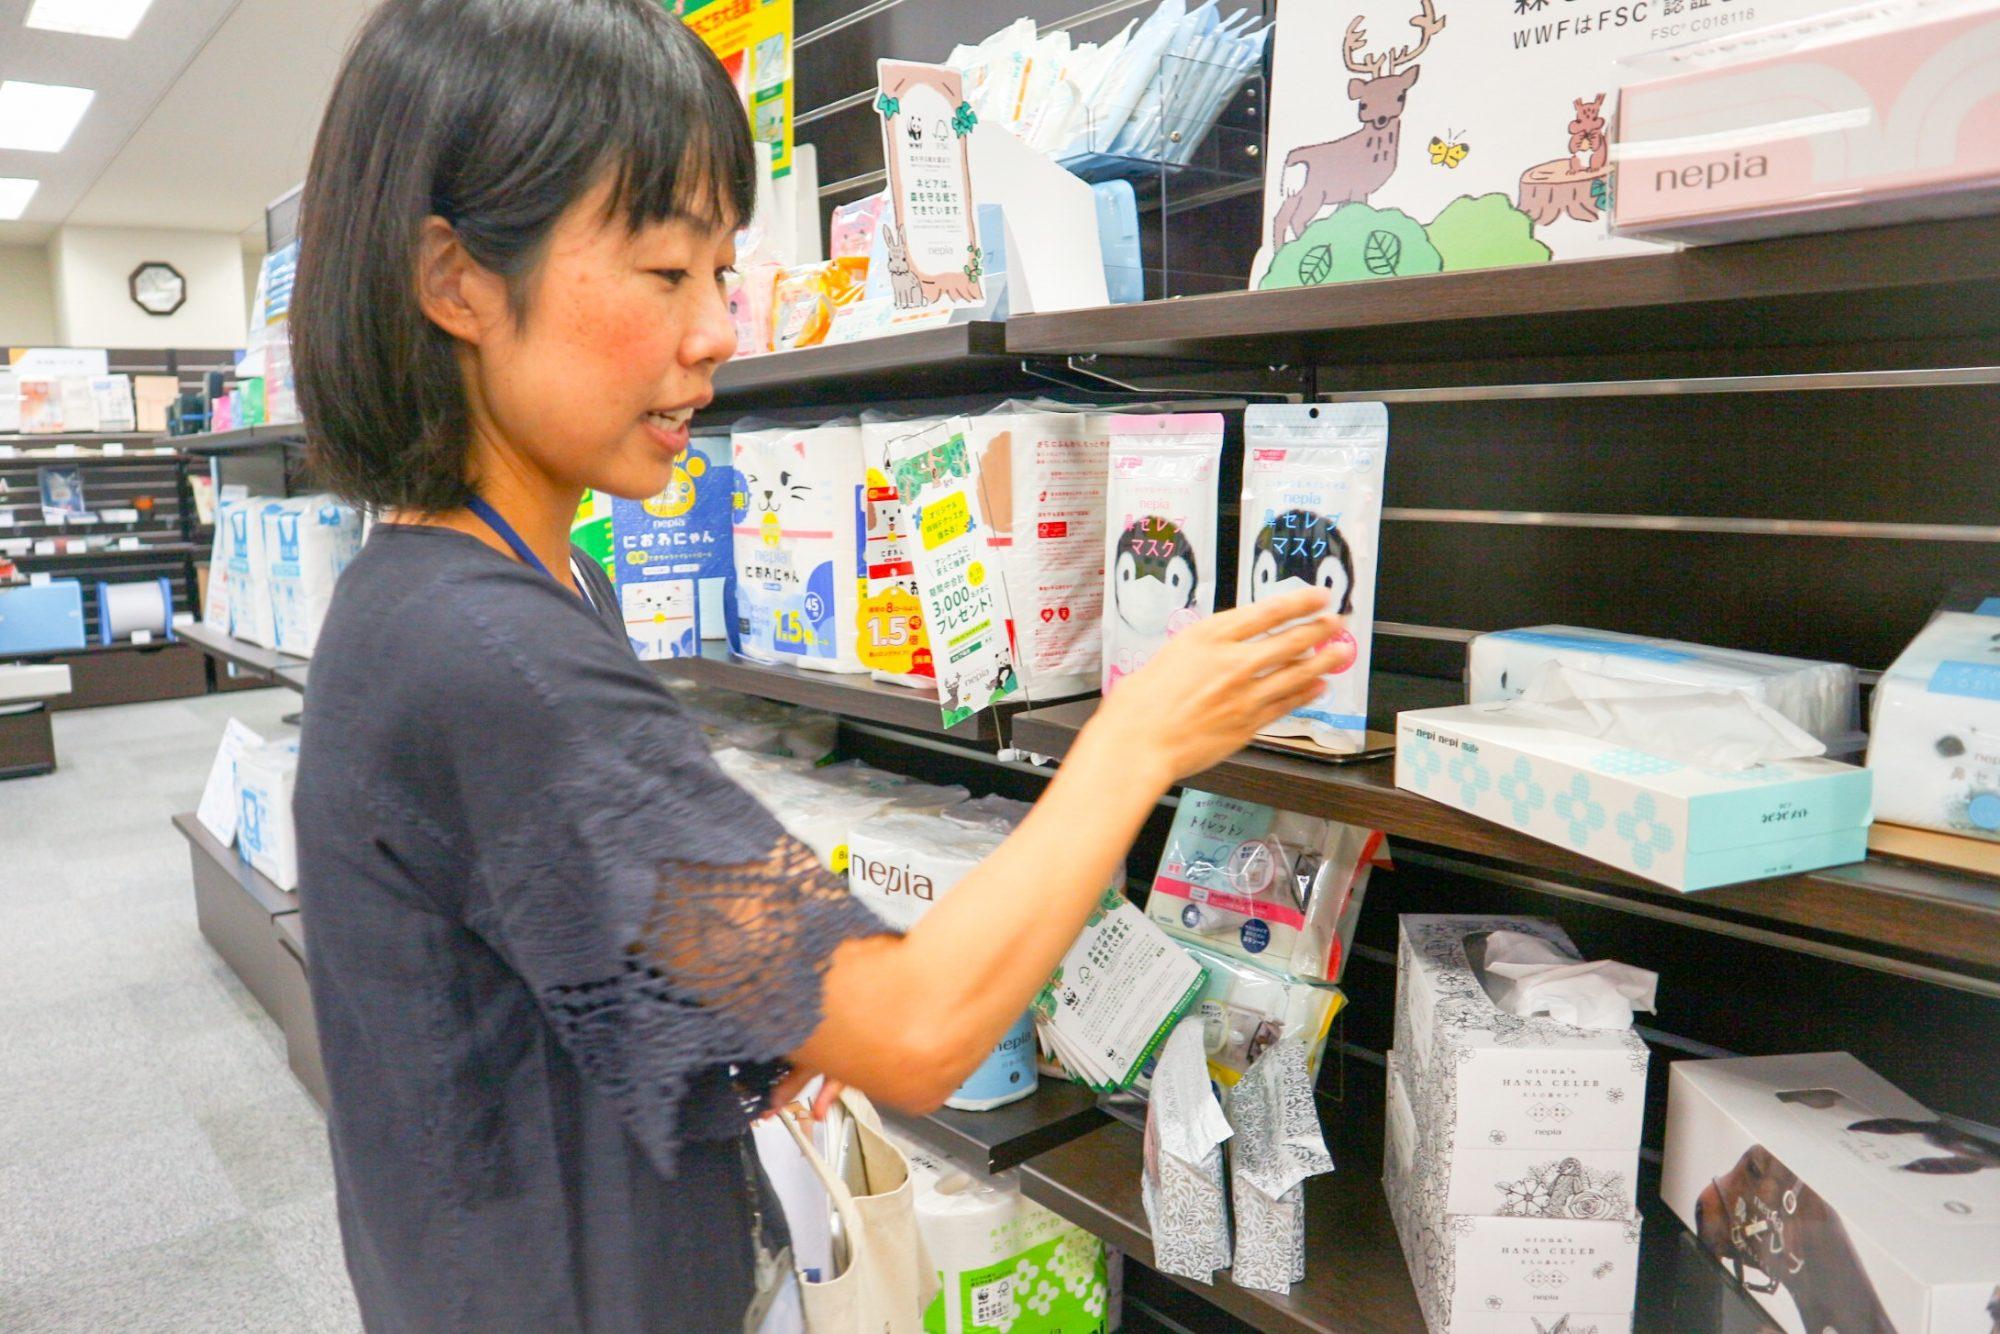 企業の宣伝・マーケティング部門が取り組むイノベーション(2)  王子ネピア 平川淳子 氏